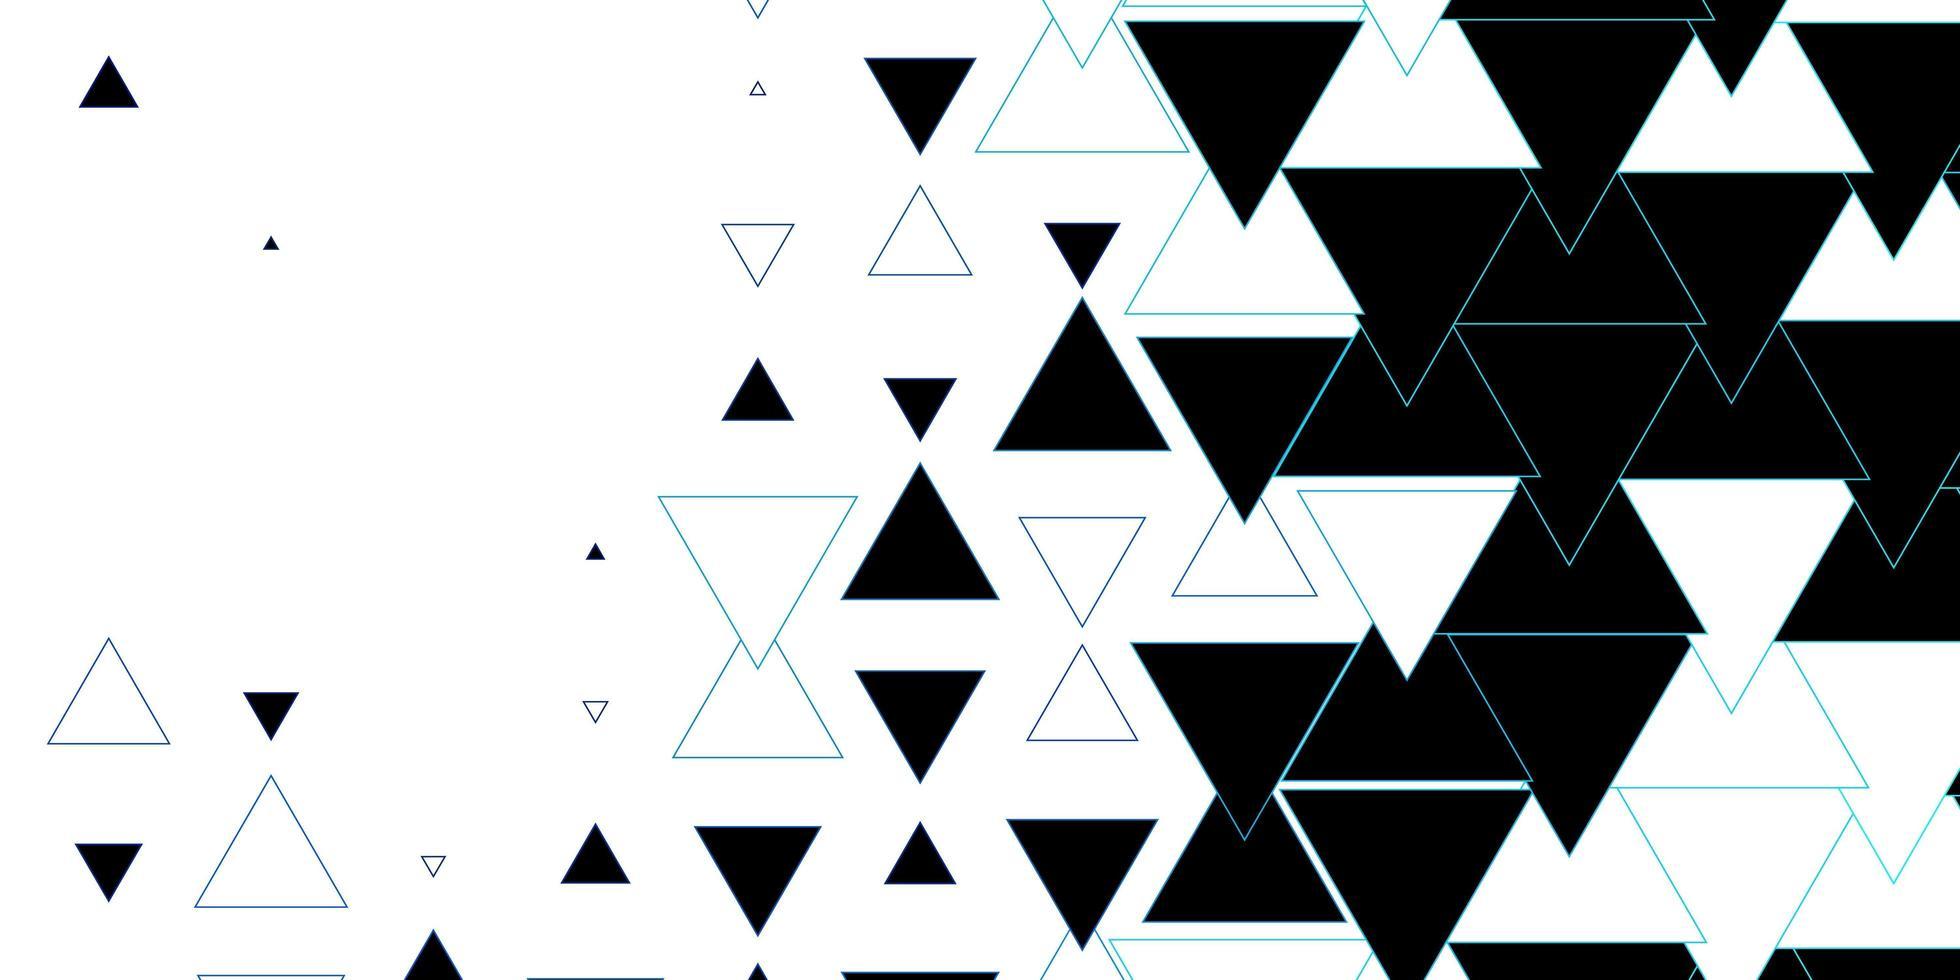 mörkblå vektorbakgrund med linjer, trianglar. vektor